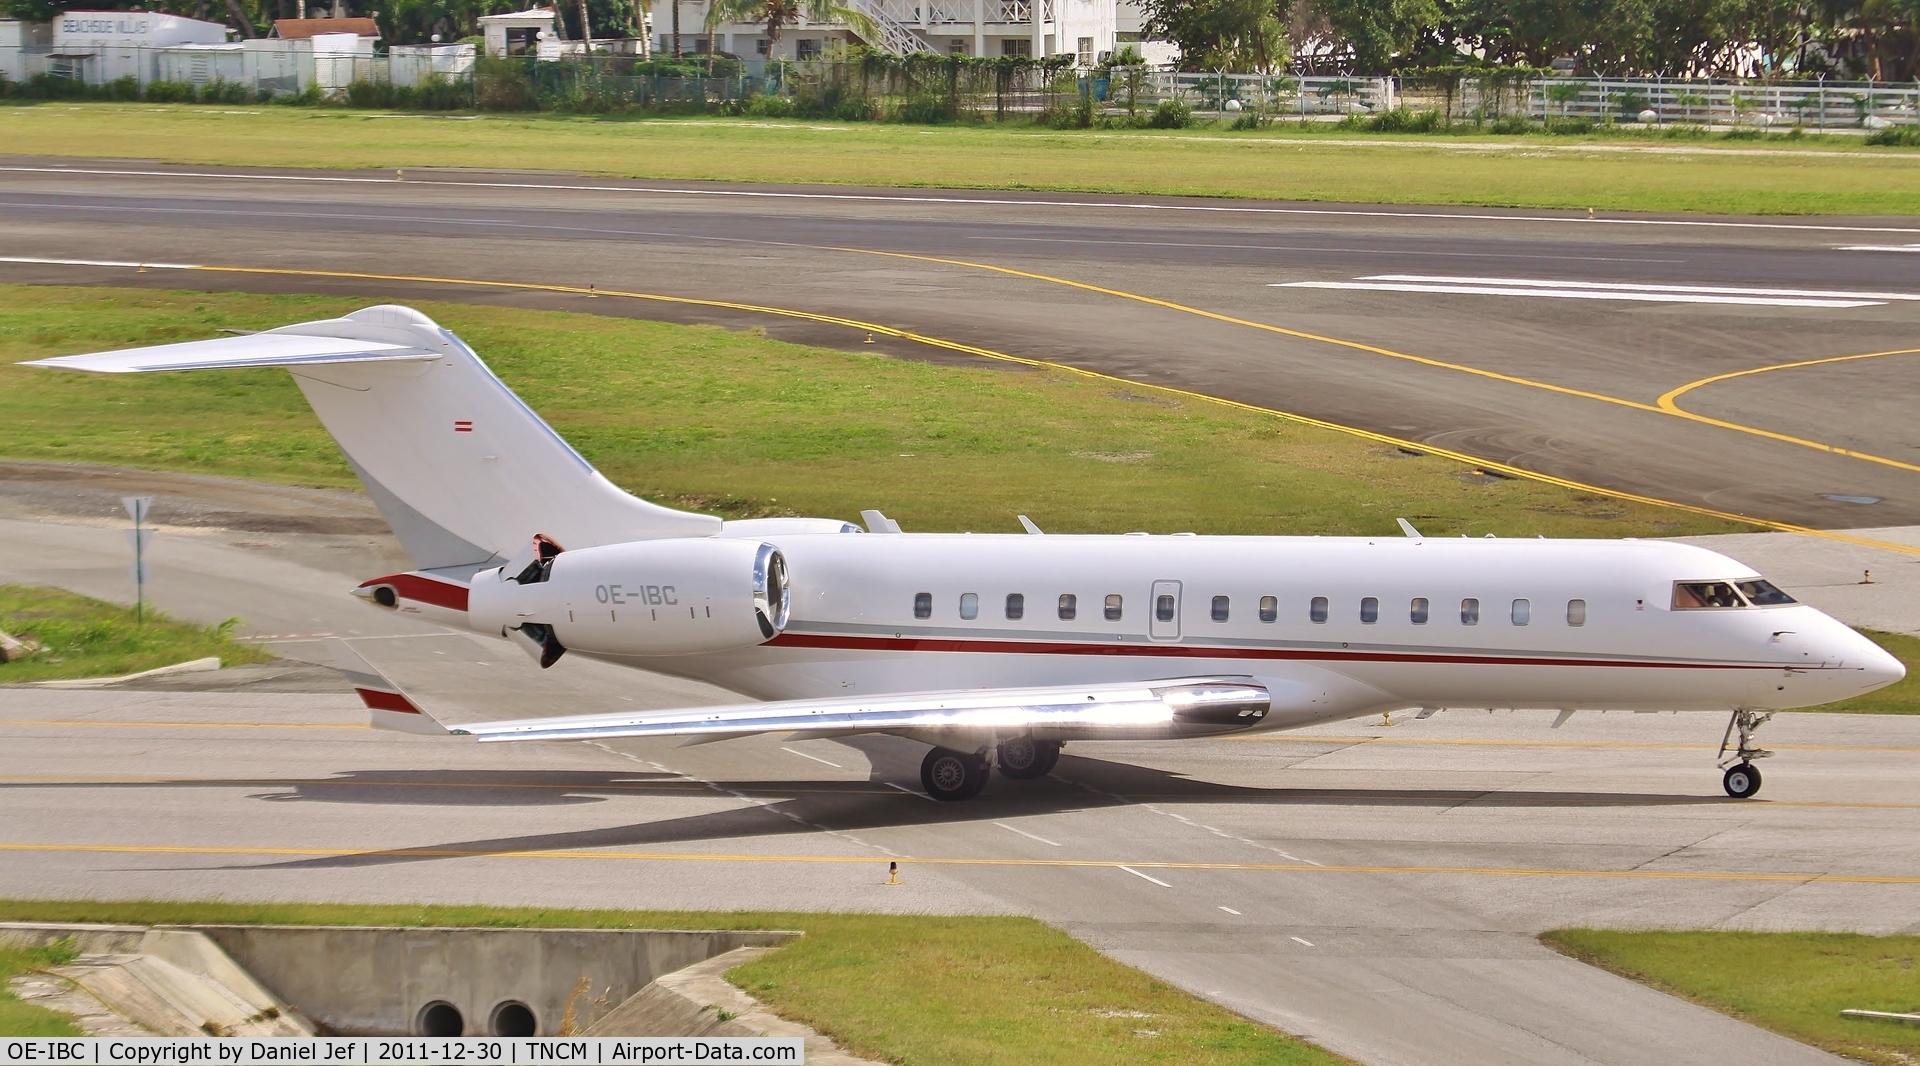 OE-IBC, 2007 Bombardier BD-700-1A11 Global 5000 C/N 9269, OE-IBC